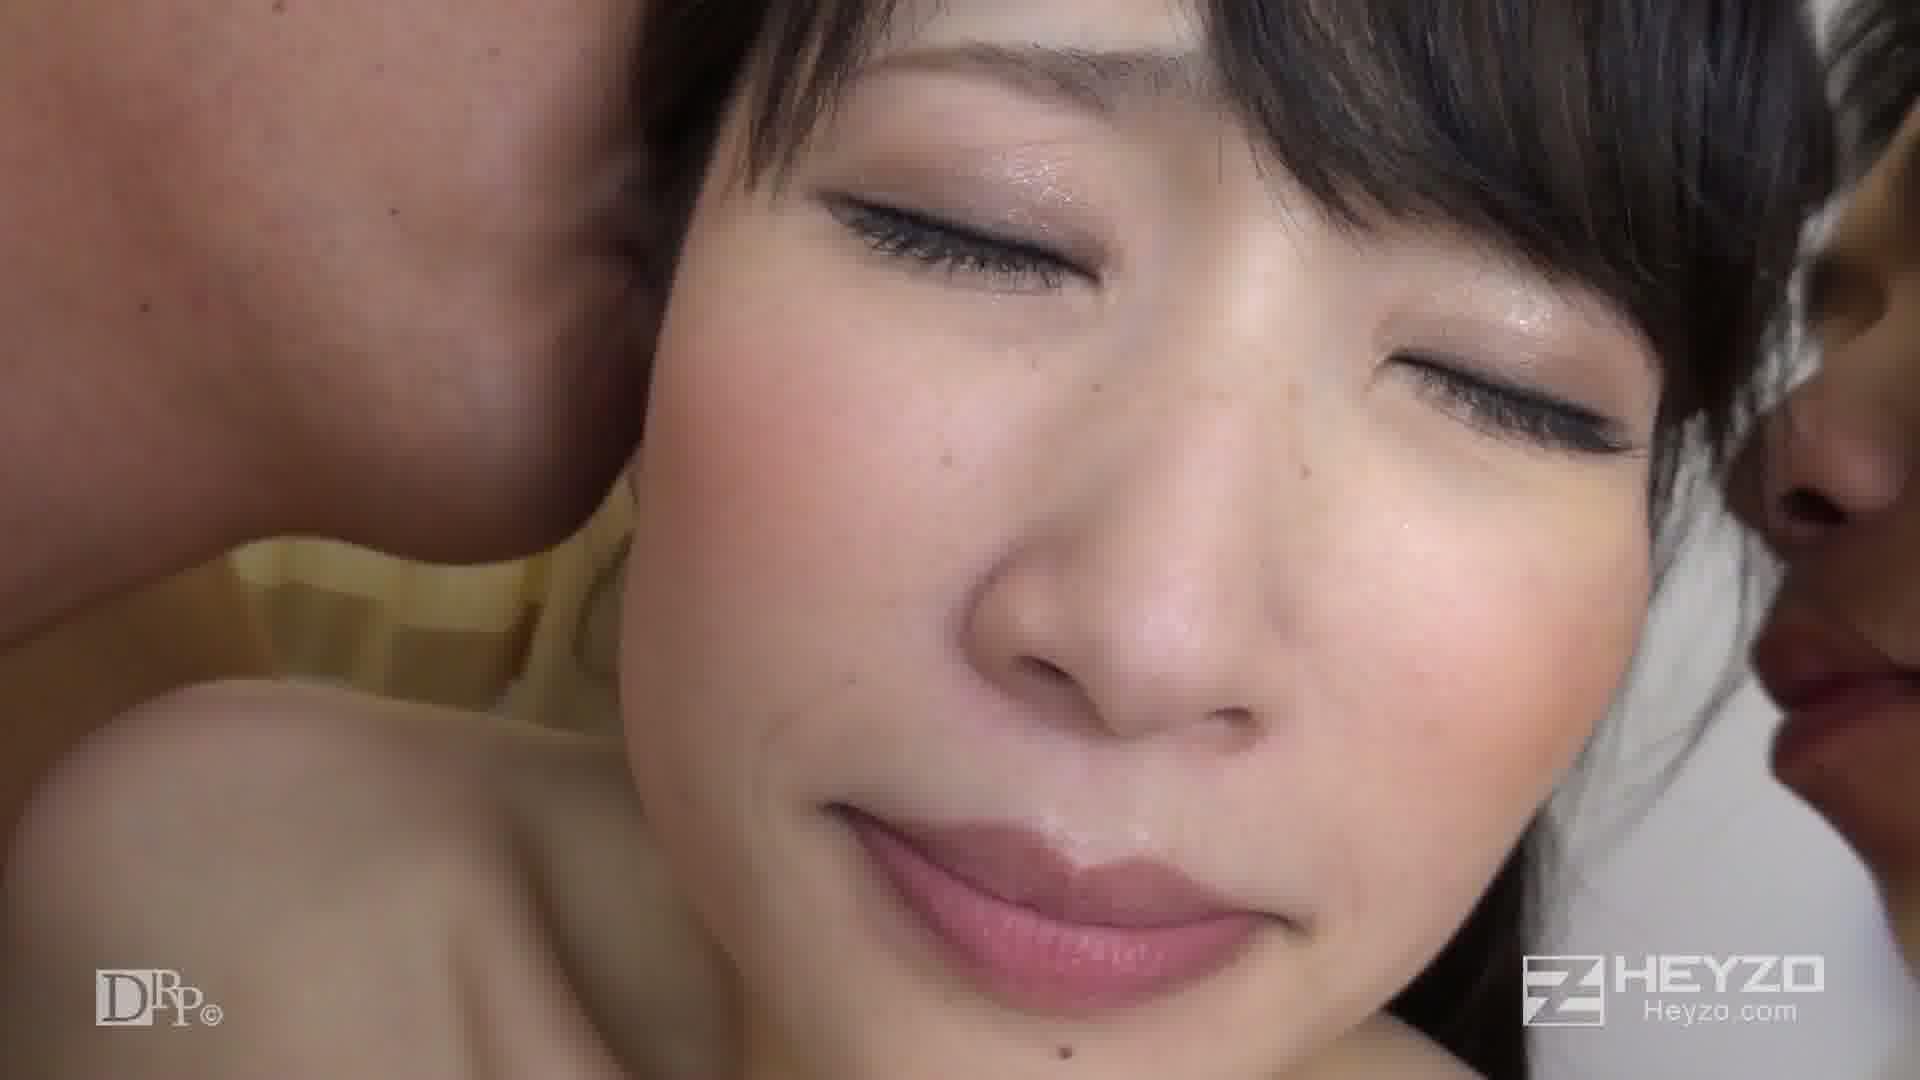 即撮影!AV面接2 後編 - 境田美波【3P クンニ 電マ フェラ バック】